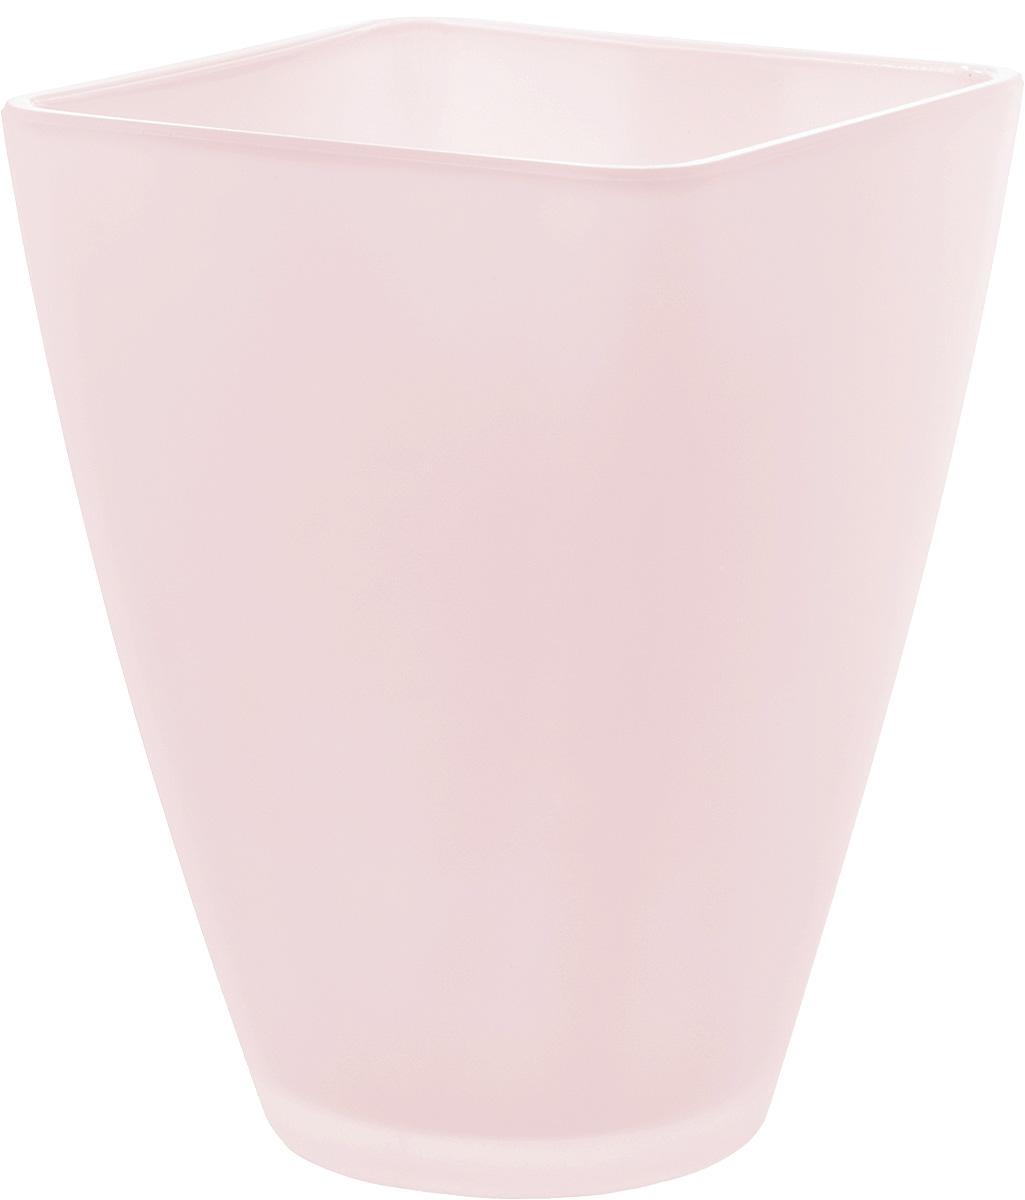 Продукция завода под брендом NinaGlass известна российскому потребителю необычностью форм и оригинальным декорированием. Главным достоинством стеклянных горшков является отсутствие пористости на их внутренней поверхности, что делает безопасной смену растительного состава. Предприятие производит два вида изделий для флористов:  - стеклянные цветочные горшки с отверстием в дне для посадки в них цветов и растений и подставкой под горшок в виде блюдца;- кашпо без отверстия для укладки в них пластиковых контейнеров с цветами и растениями.Горшки и кашпо изготавливаются из опалового триплексного (тройного) стекла с различными видами декорирования водо- и износостойкими красками. Возможна окраска изделий изнутри. Матовая поверхность и окраска изнутри создают объемный эффект, а сами цвета очень мягкие и приятные. Также интересны и формы изделий, выполненные методом центробежного формования: - горшки НТ - современная модель горшка с поддоном, которые смотрятся как единое целое и обладают устойчивым широким дном;- кашпо НТ - глубокие, с небольшим радиусом выпуклости, хорошим широким дном. Кашпо-подсвечники в форме куба можно считать дополнительной опцией: вы можете оформить интерьер не только оригинальными горшками и кашпо, но также весьма привлекательными подсвечниками.Доступны 5 размеров горшков и кашпо и 3 размера кашпо-кубов. Продукция TM NinaGlass безопасна, функциональна, прочна и уникальна. Горшки и кашпо способны создать неповторимое настроение и стать центром интерьера в любом помещении.